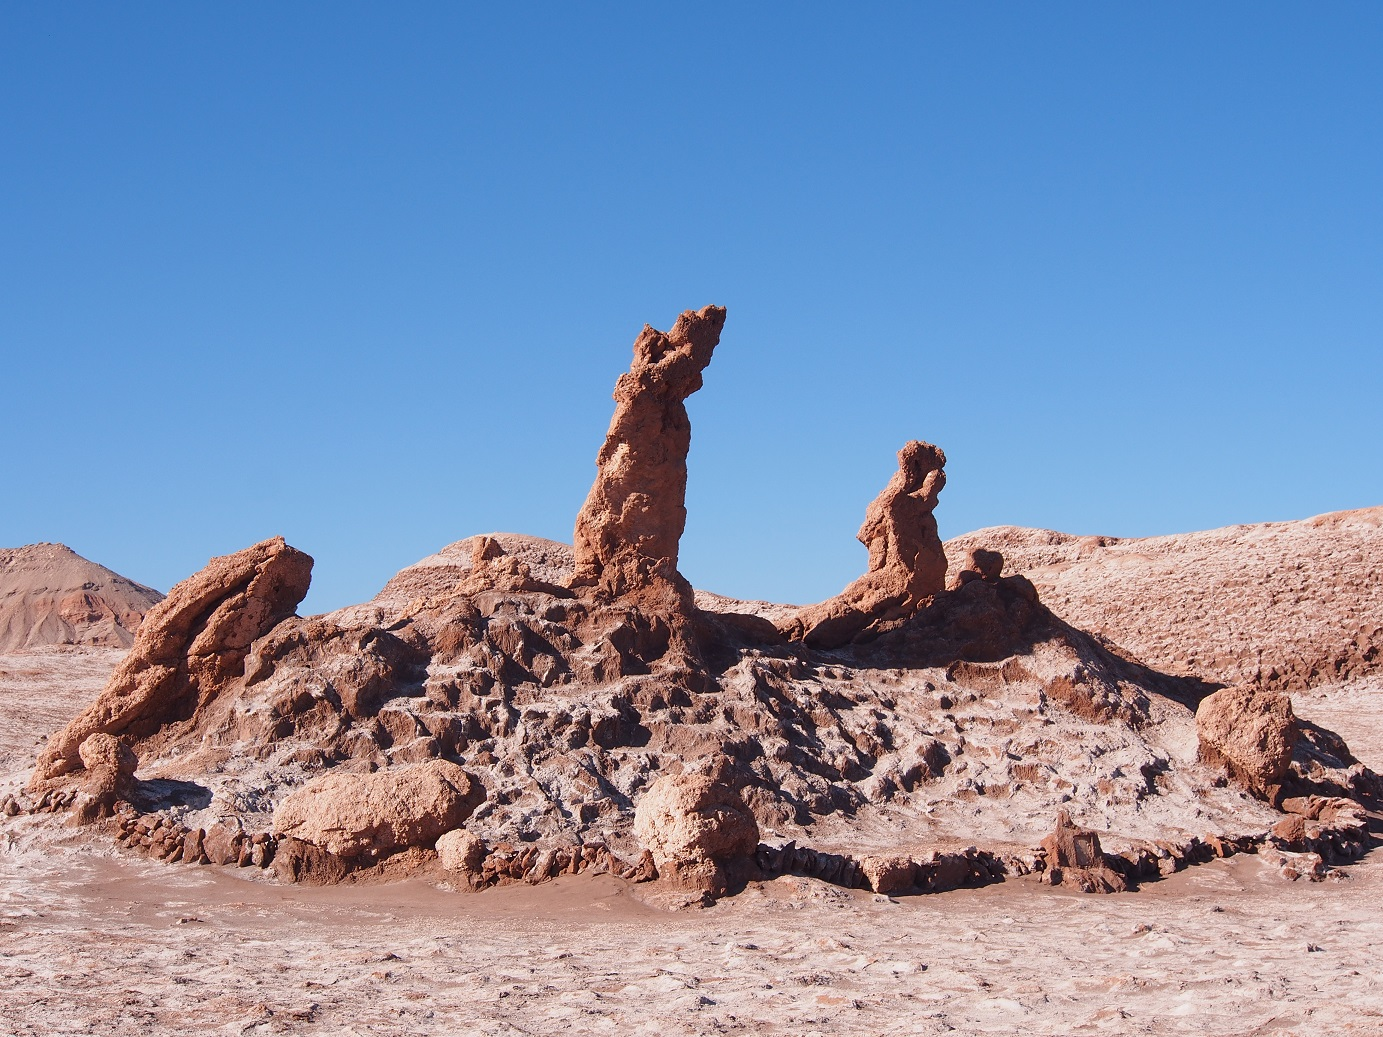 Le désert d'Atacama souffle le chaud et le froid